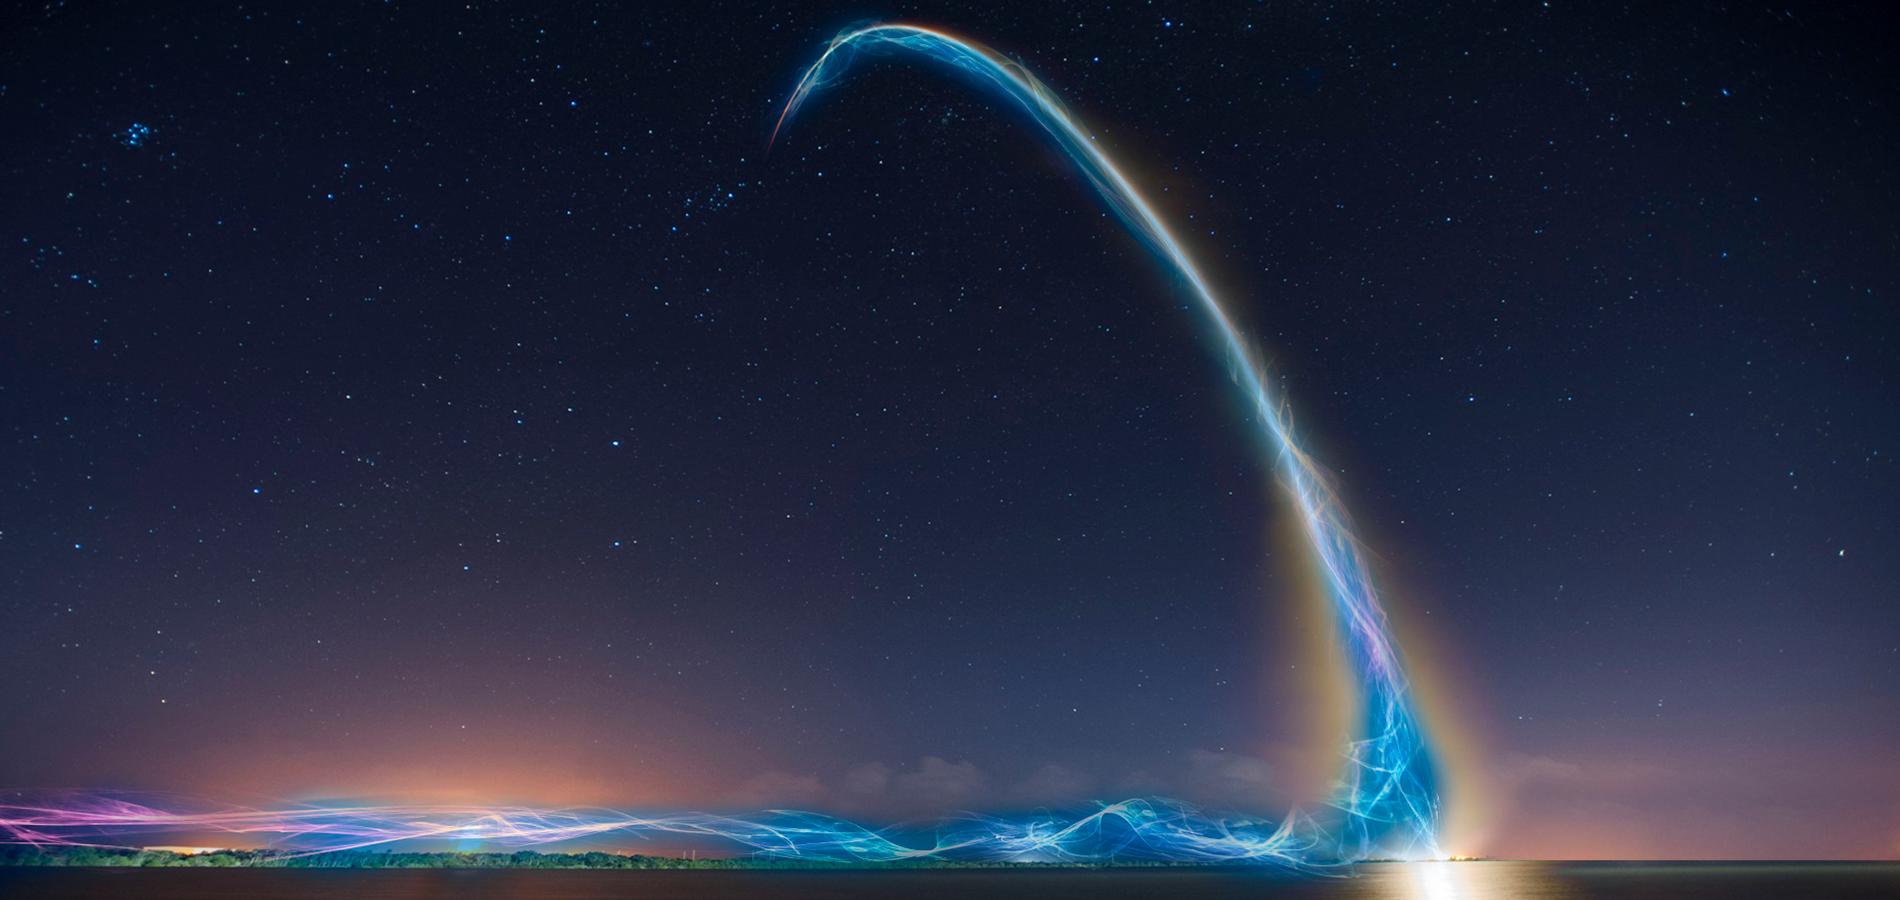 Rocket Fuel 2018, 23 April